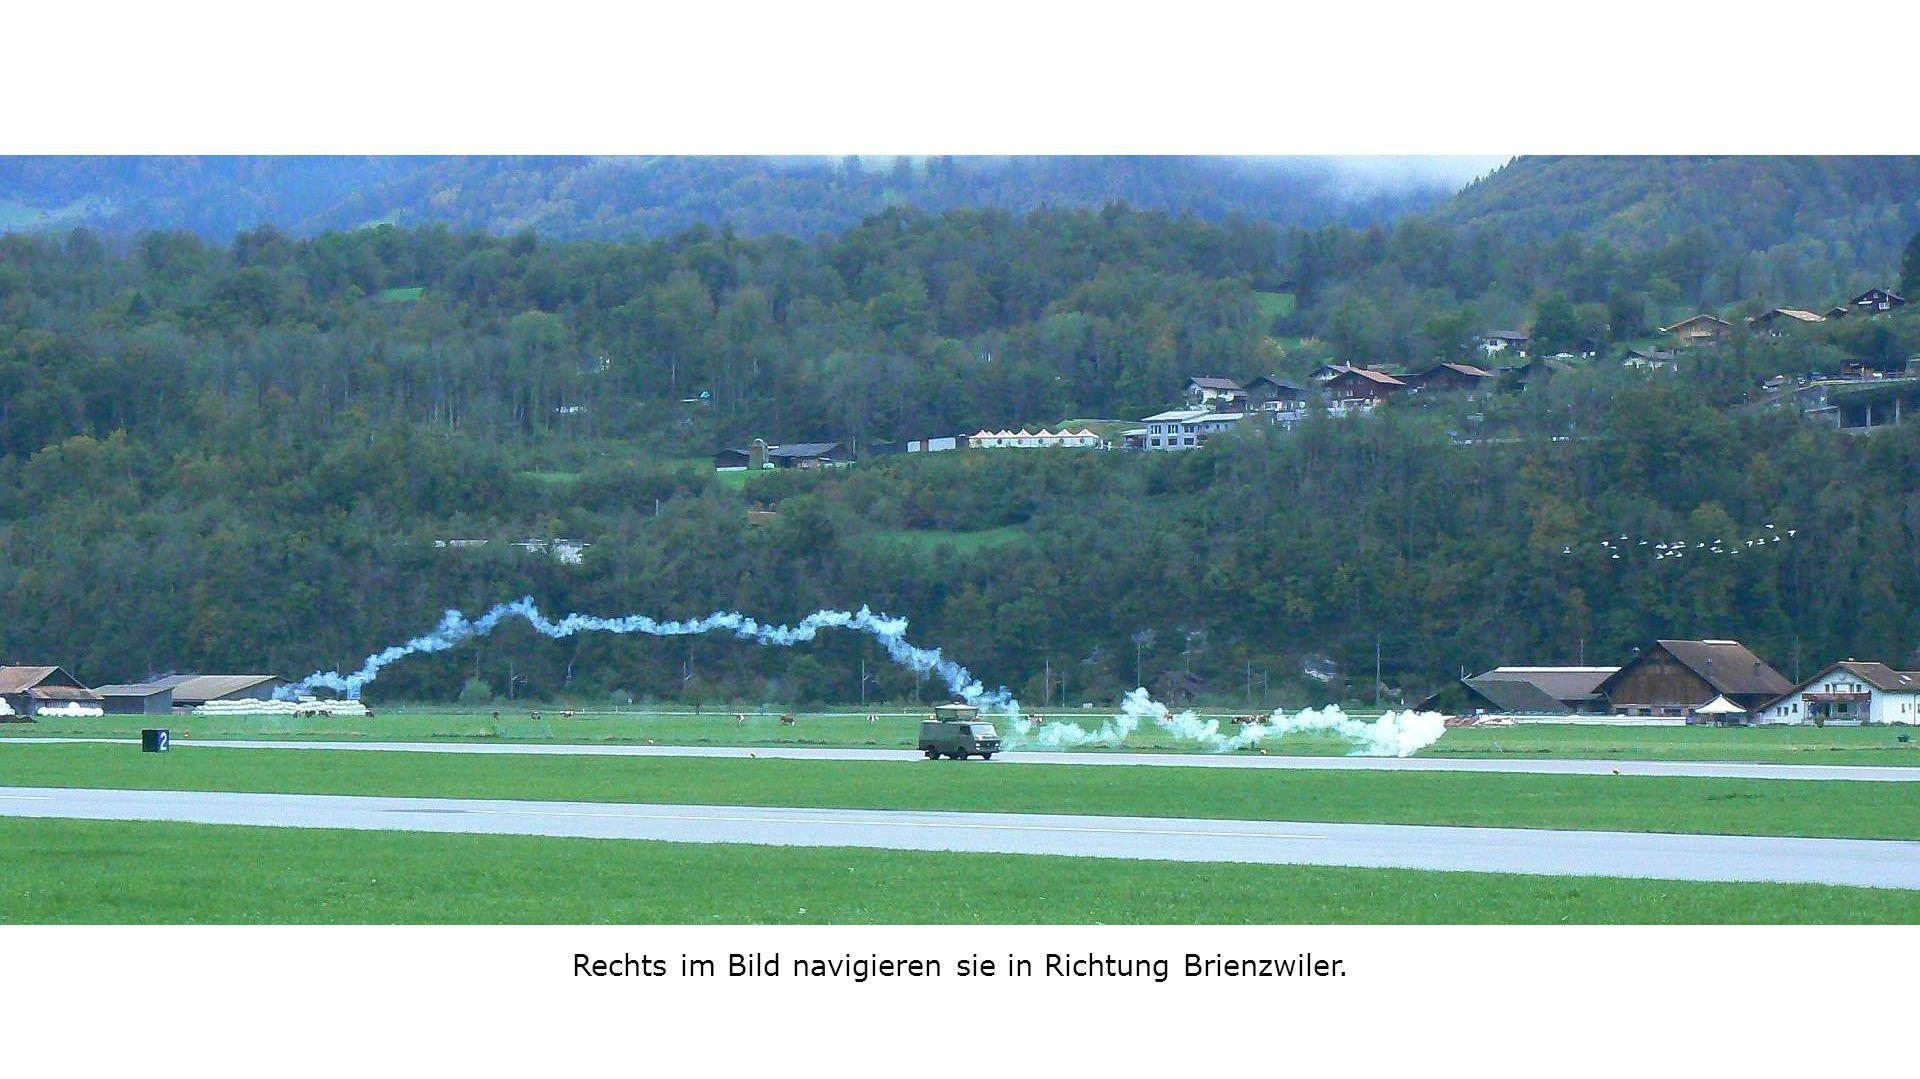 Rechts im Bild navigieren sie in Richtung Brienzwiler.